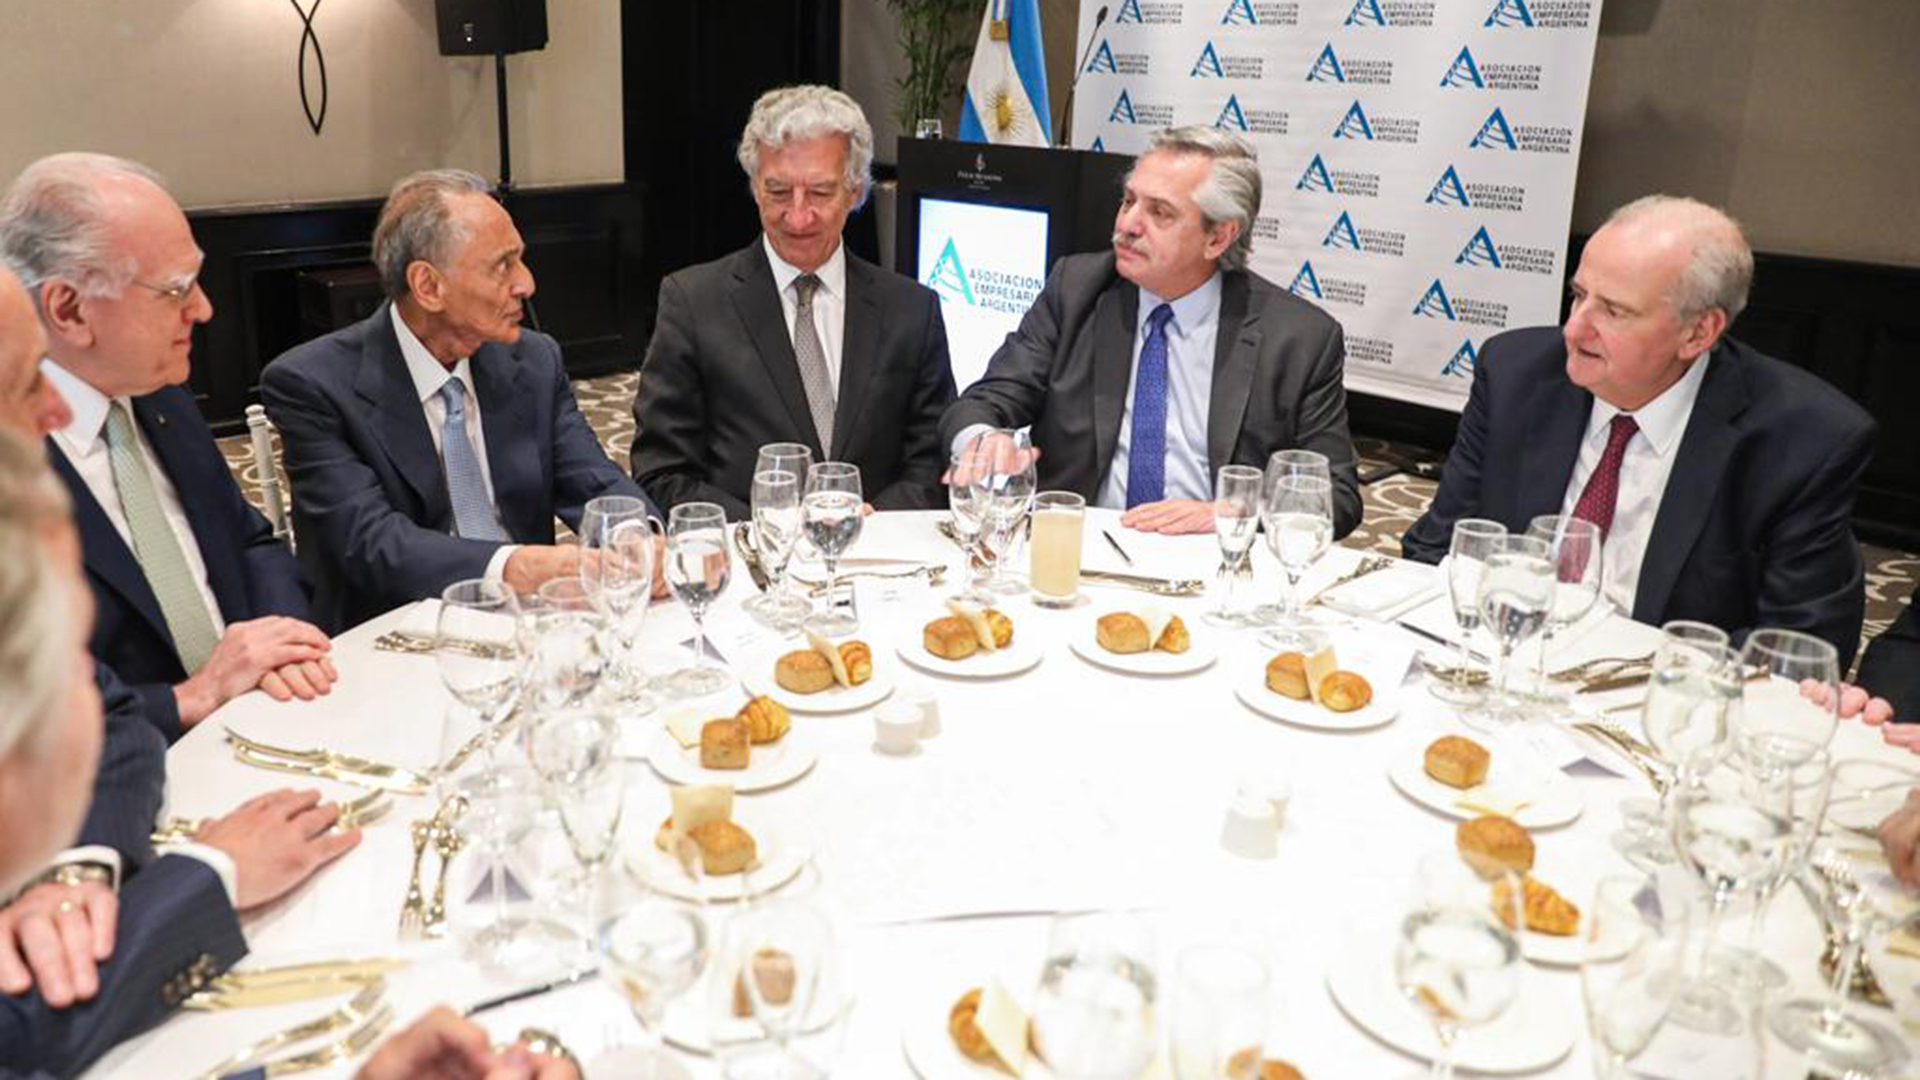 El Presidente Fernández cenando con Héctor Magnetto.